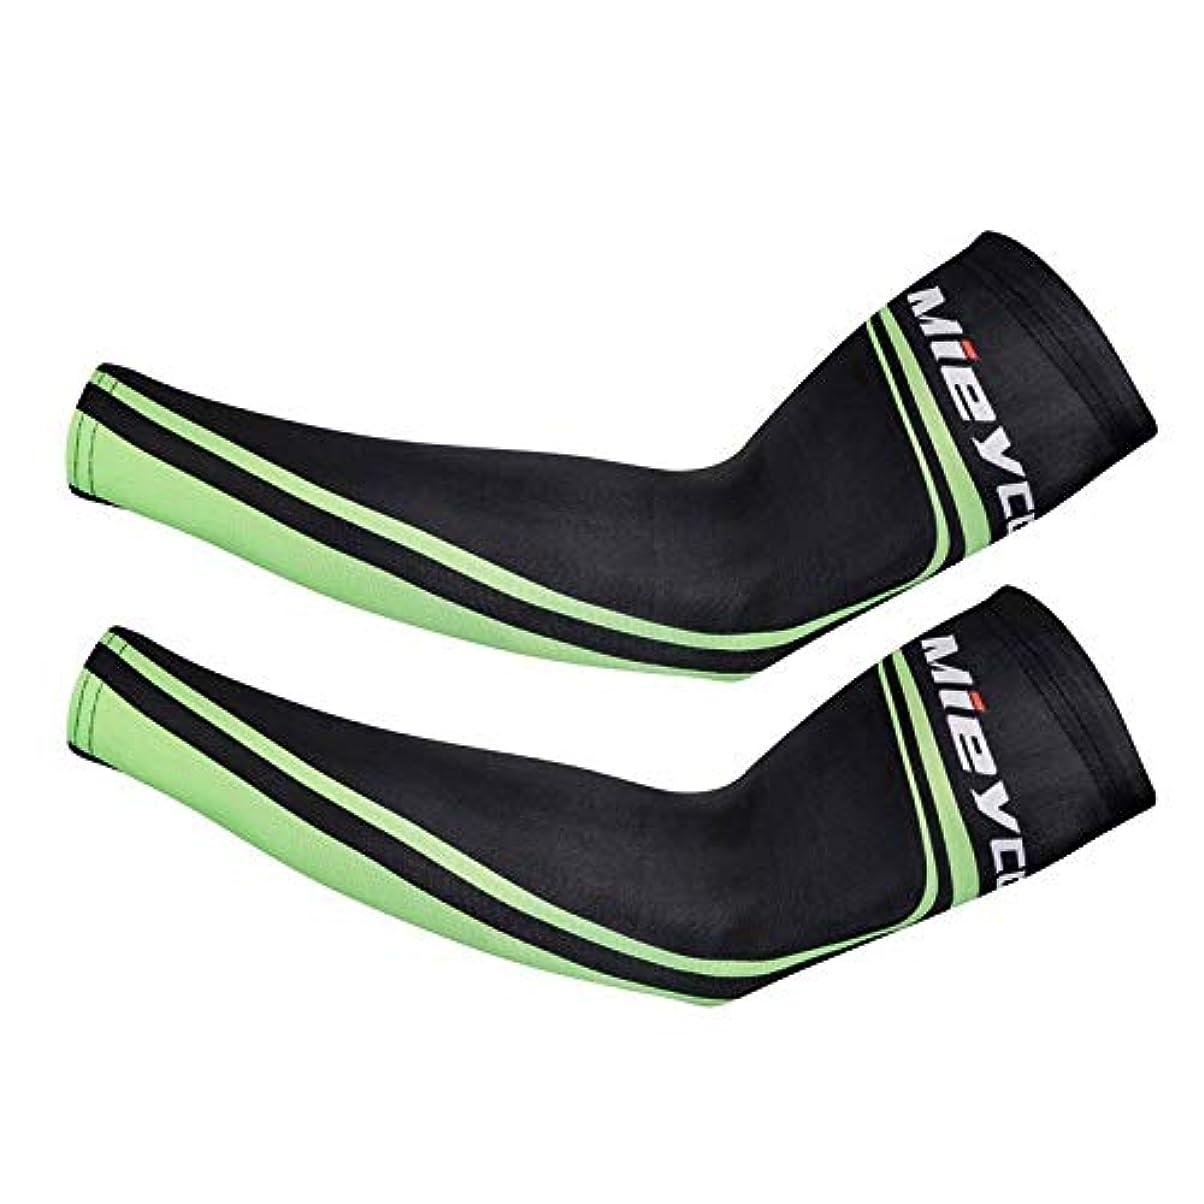 どれデコードするあいにくRRT 二の腕シェイパー アームカバー 手袋 左右2着セット 引き締め 痩せ サポーター 滑り止め 冷感作用 紫外線対策 吸汗速乾 手袋 アームカバー【両腕2枚組】 (Color : A, Size : L)